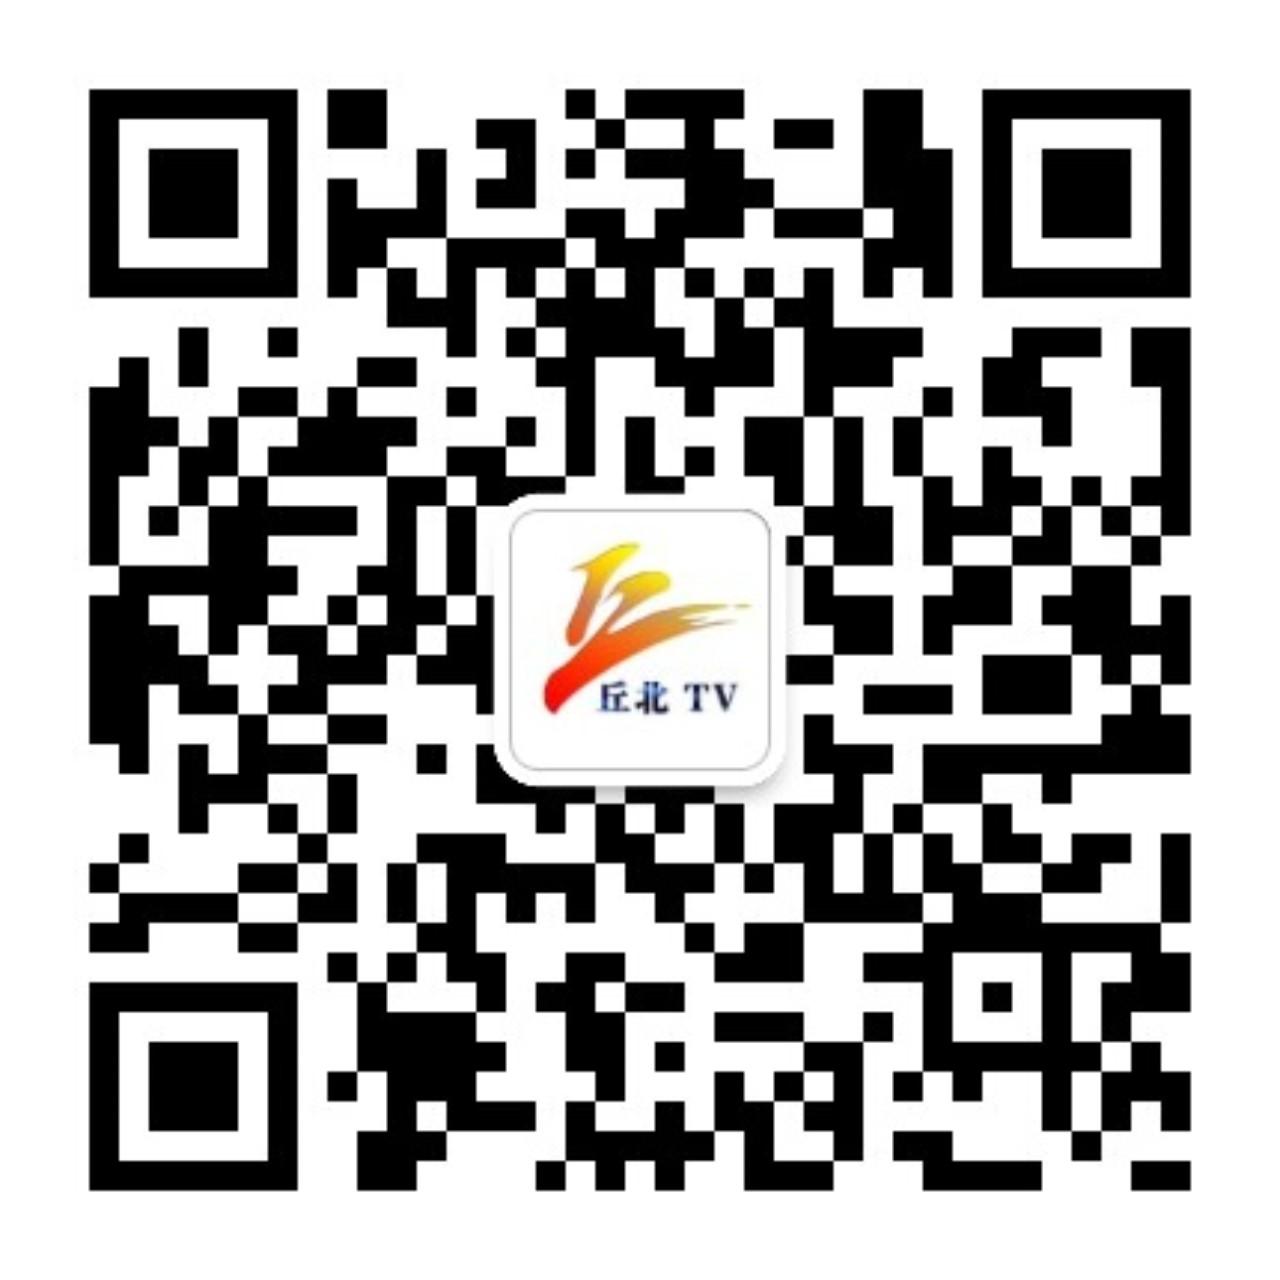 丘北县融媒体中心